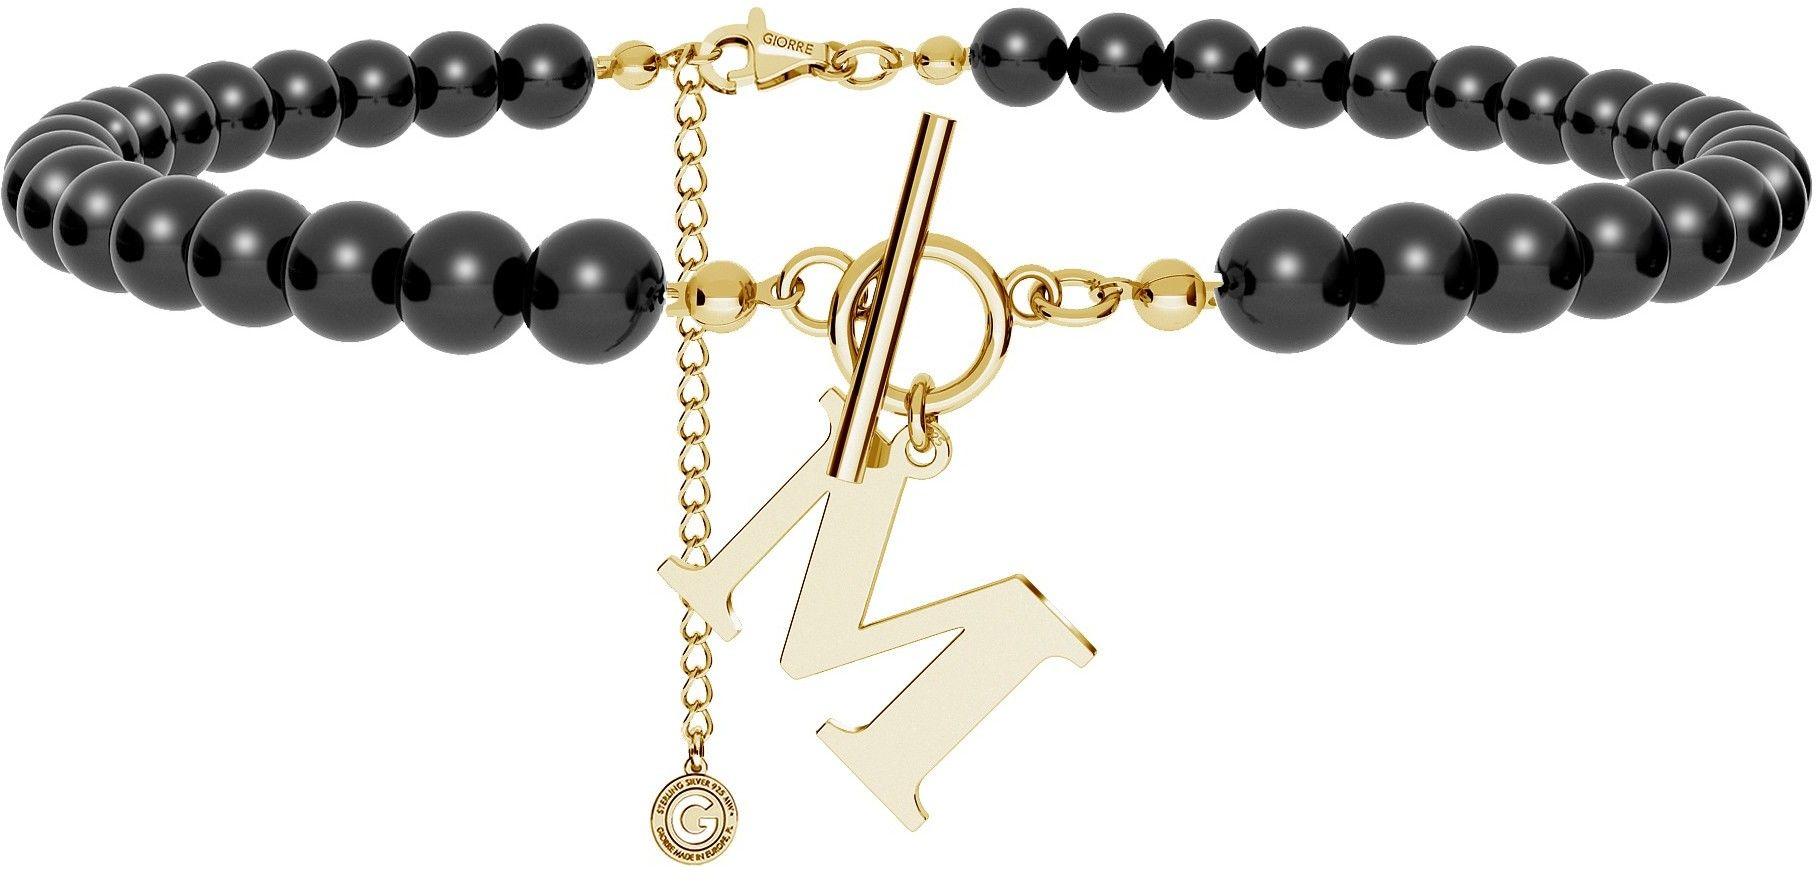 Czarny perłowy choker z dowolną literą, Swarovski, srebro 925 : Litera - I, Srebro - kolor pokrycia - Pokrycie żółtym 18K złotem